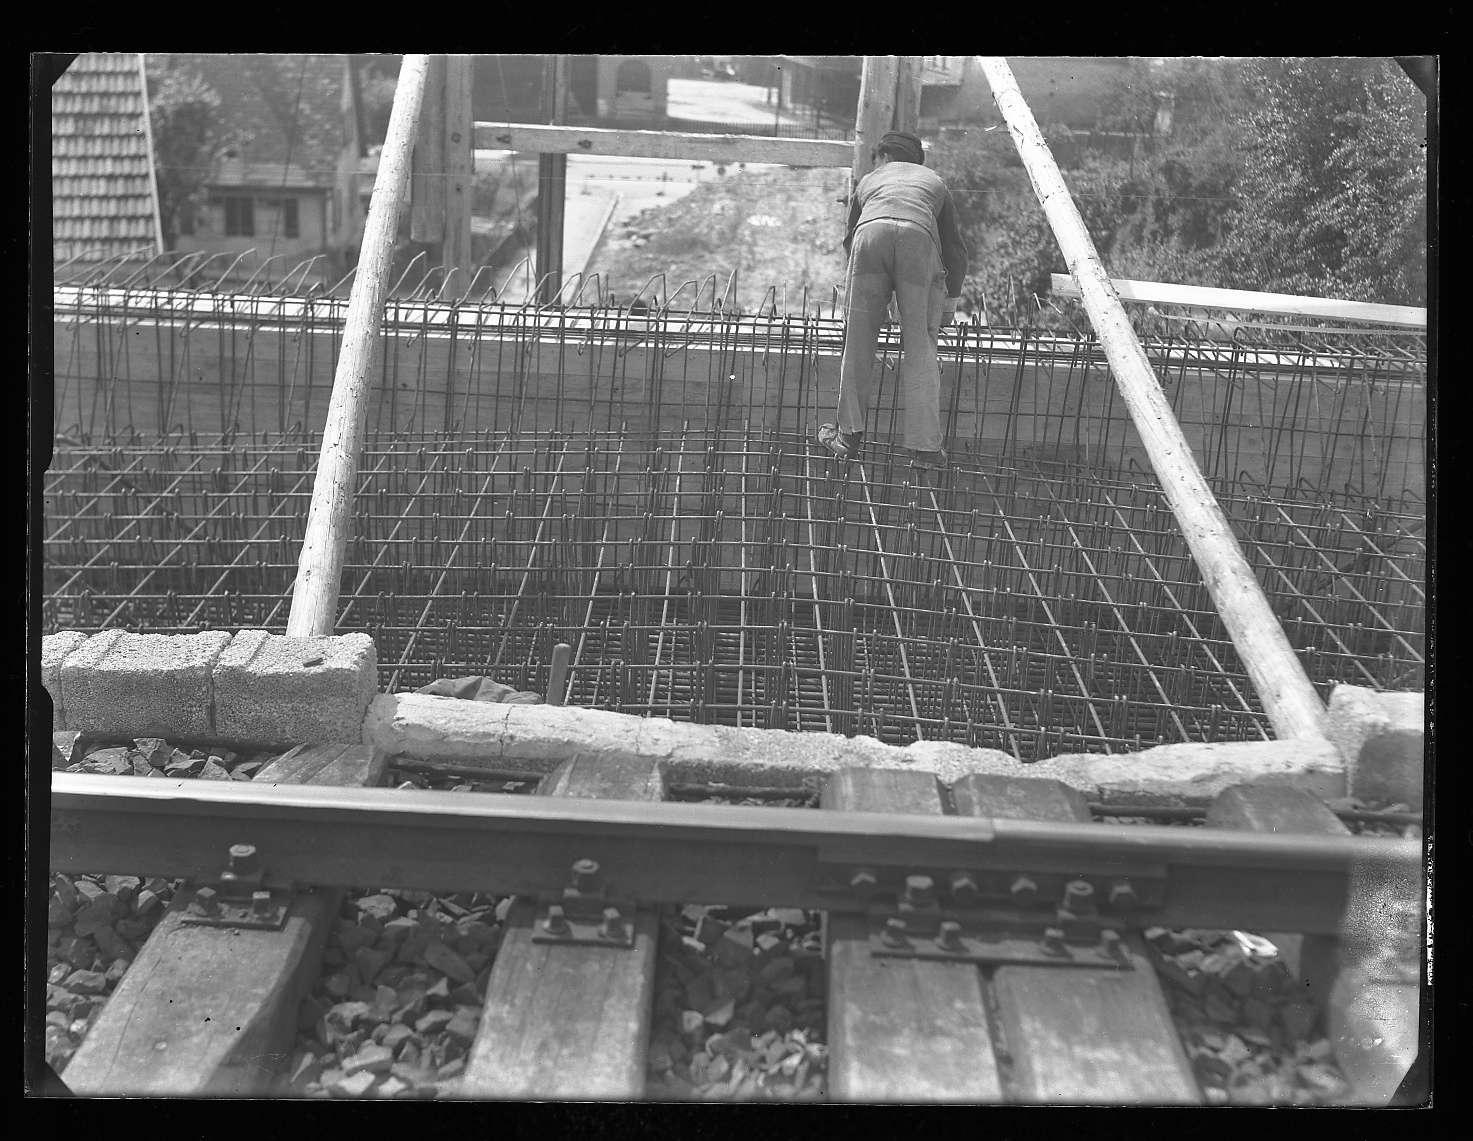 Wasseralfingen, Baustelle Brücke, Abb. b